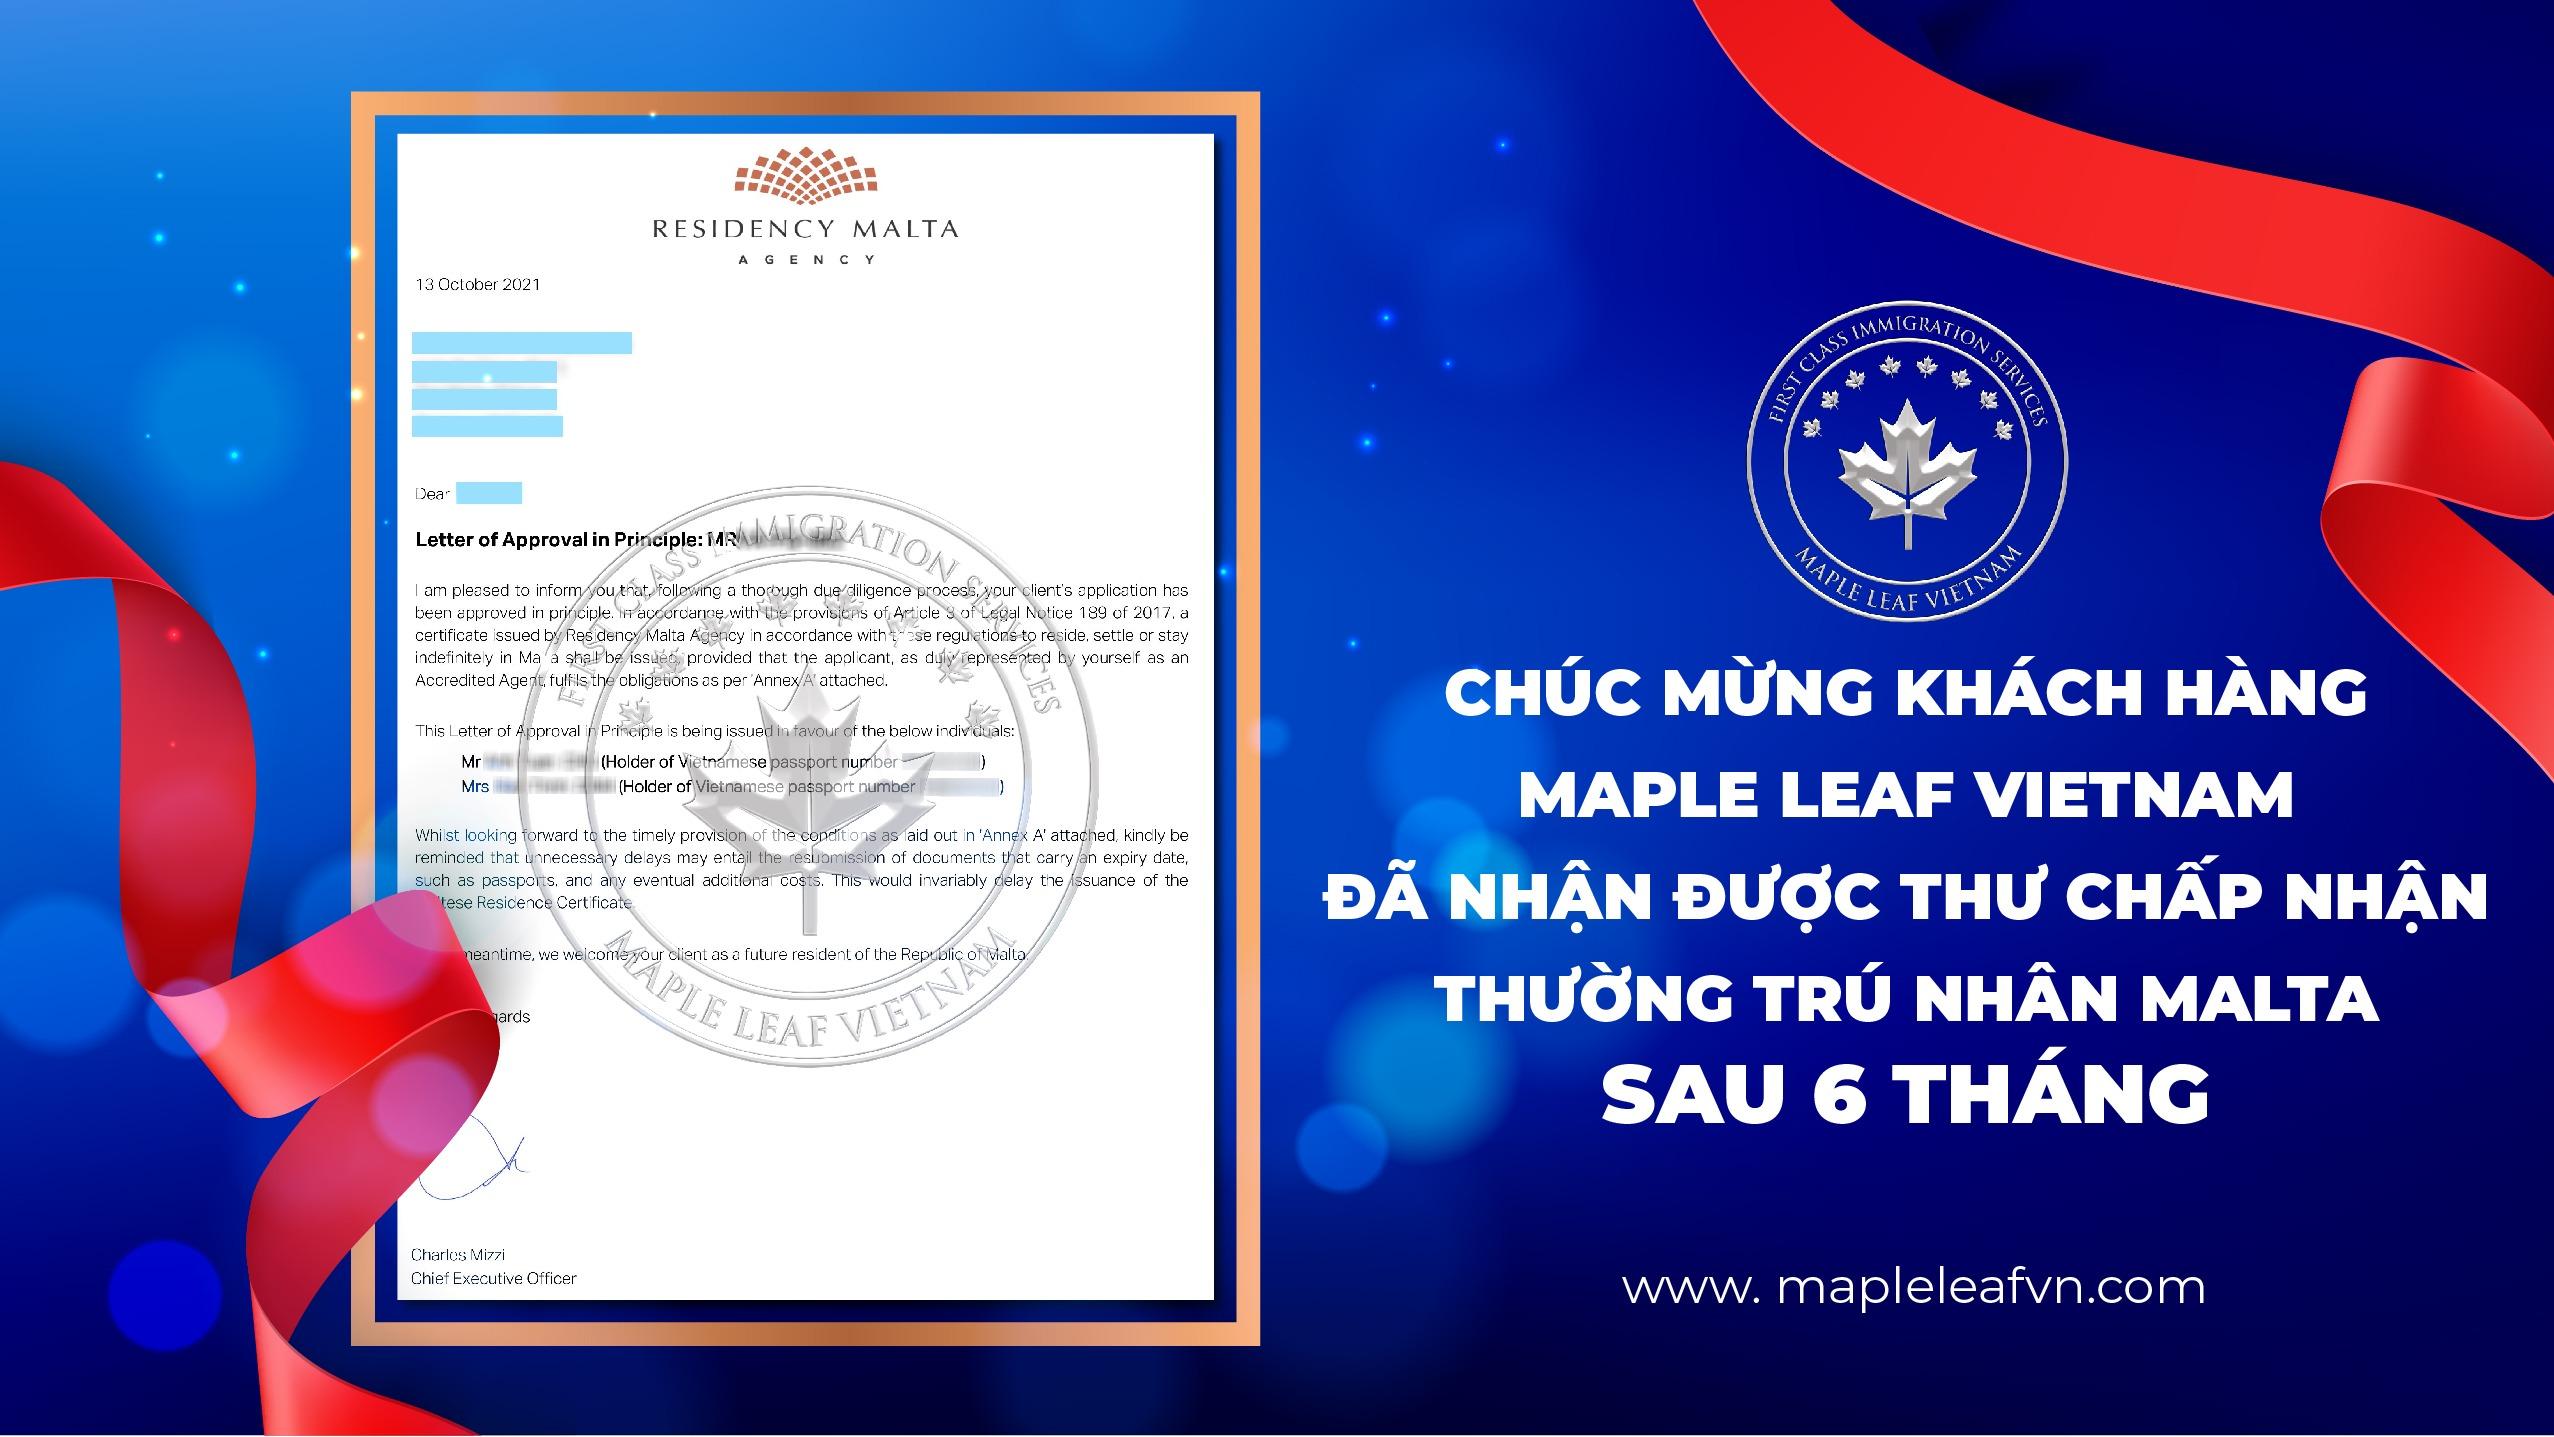 chuc-mung-khach-hang-maple-leaf-vietnam-da-nhan-duoc-thu-chap-nhan-thuong-tru-nhan-malta-sau-6-thang